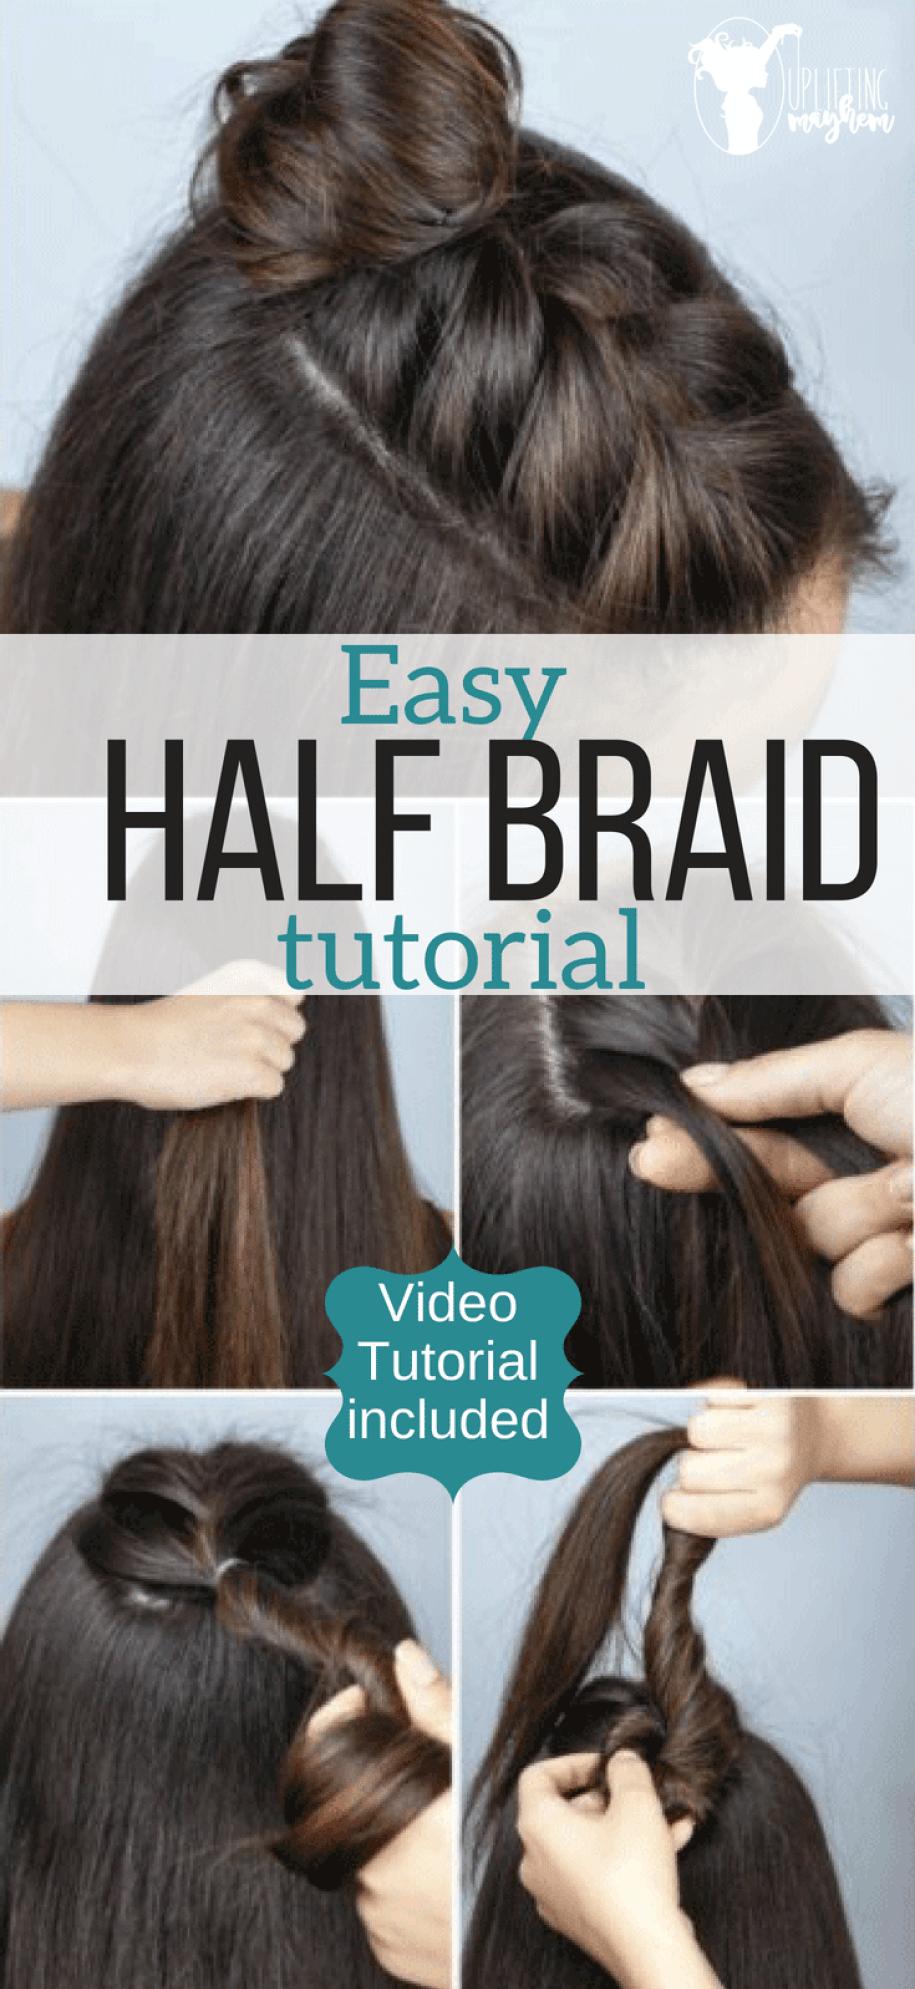 Easy Half Braid Hairstyle Tutorial Video Hairstyle Tutorial Braided Hairstyles Tutorials Half Braid Hair Tutorial